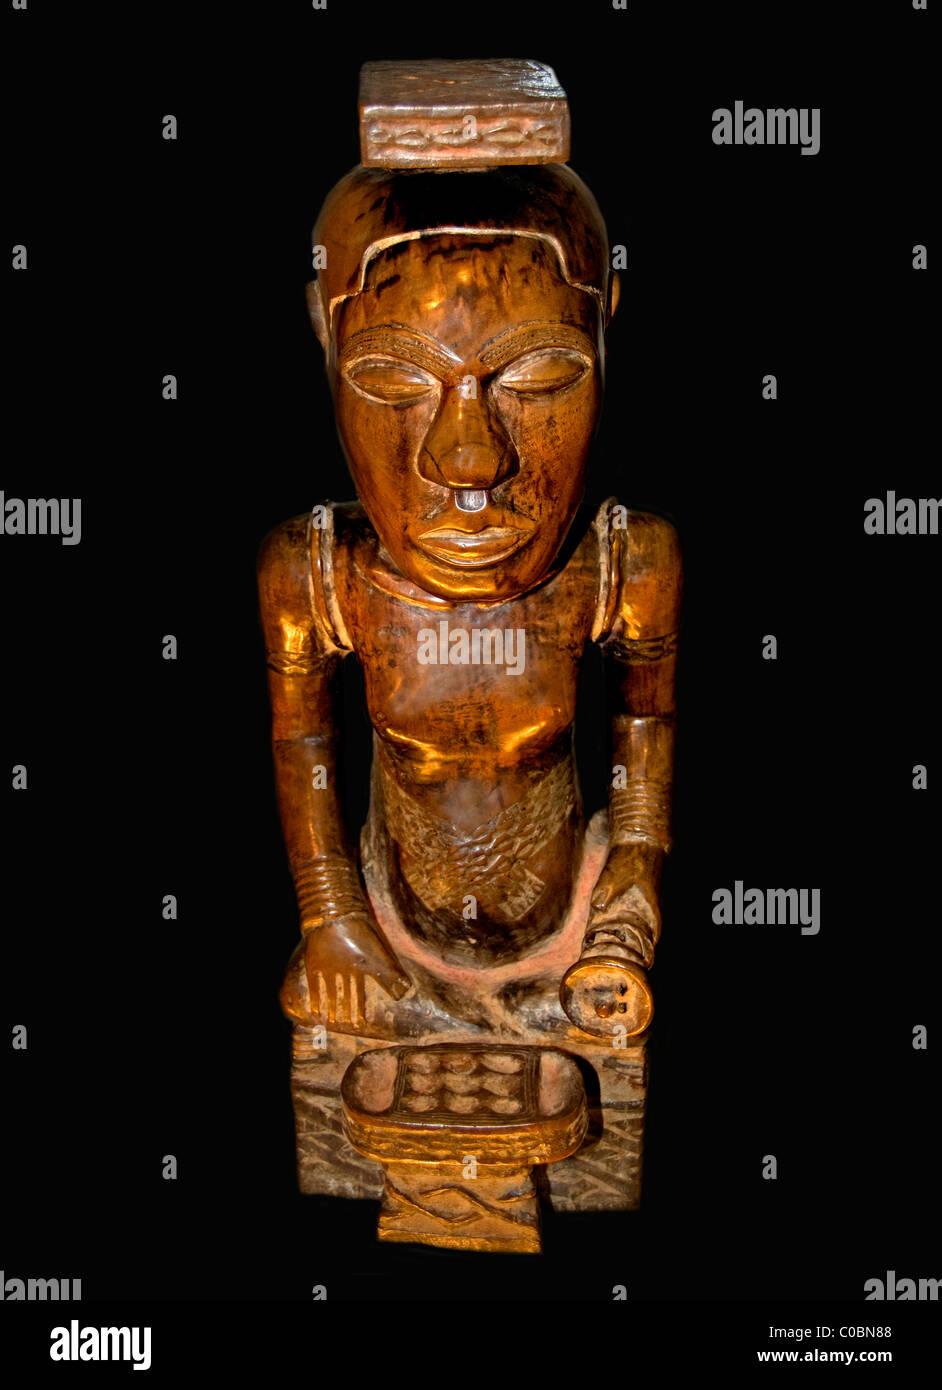 zum Gedenken an König Ndop Kuba Bushoong Republik Kongo aus dem 18. Jahrhundert Ikul Bushoon Stockbild